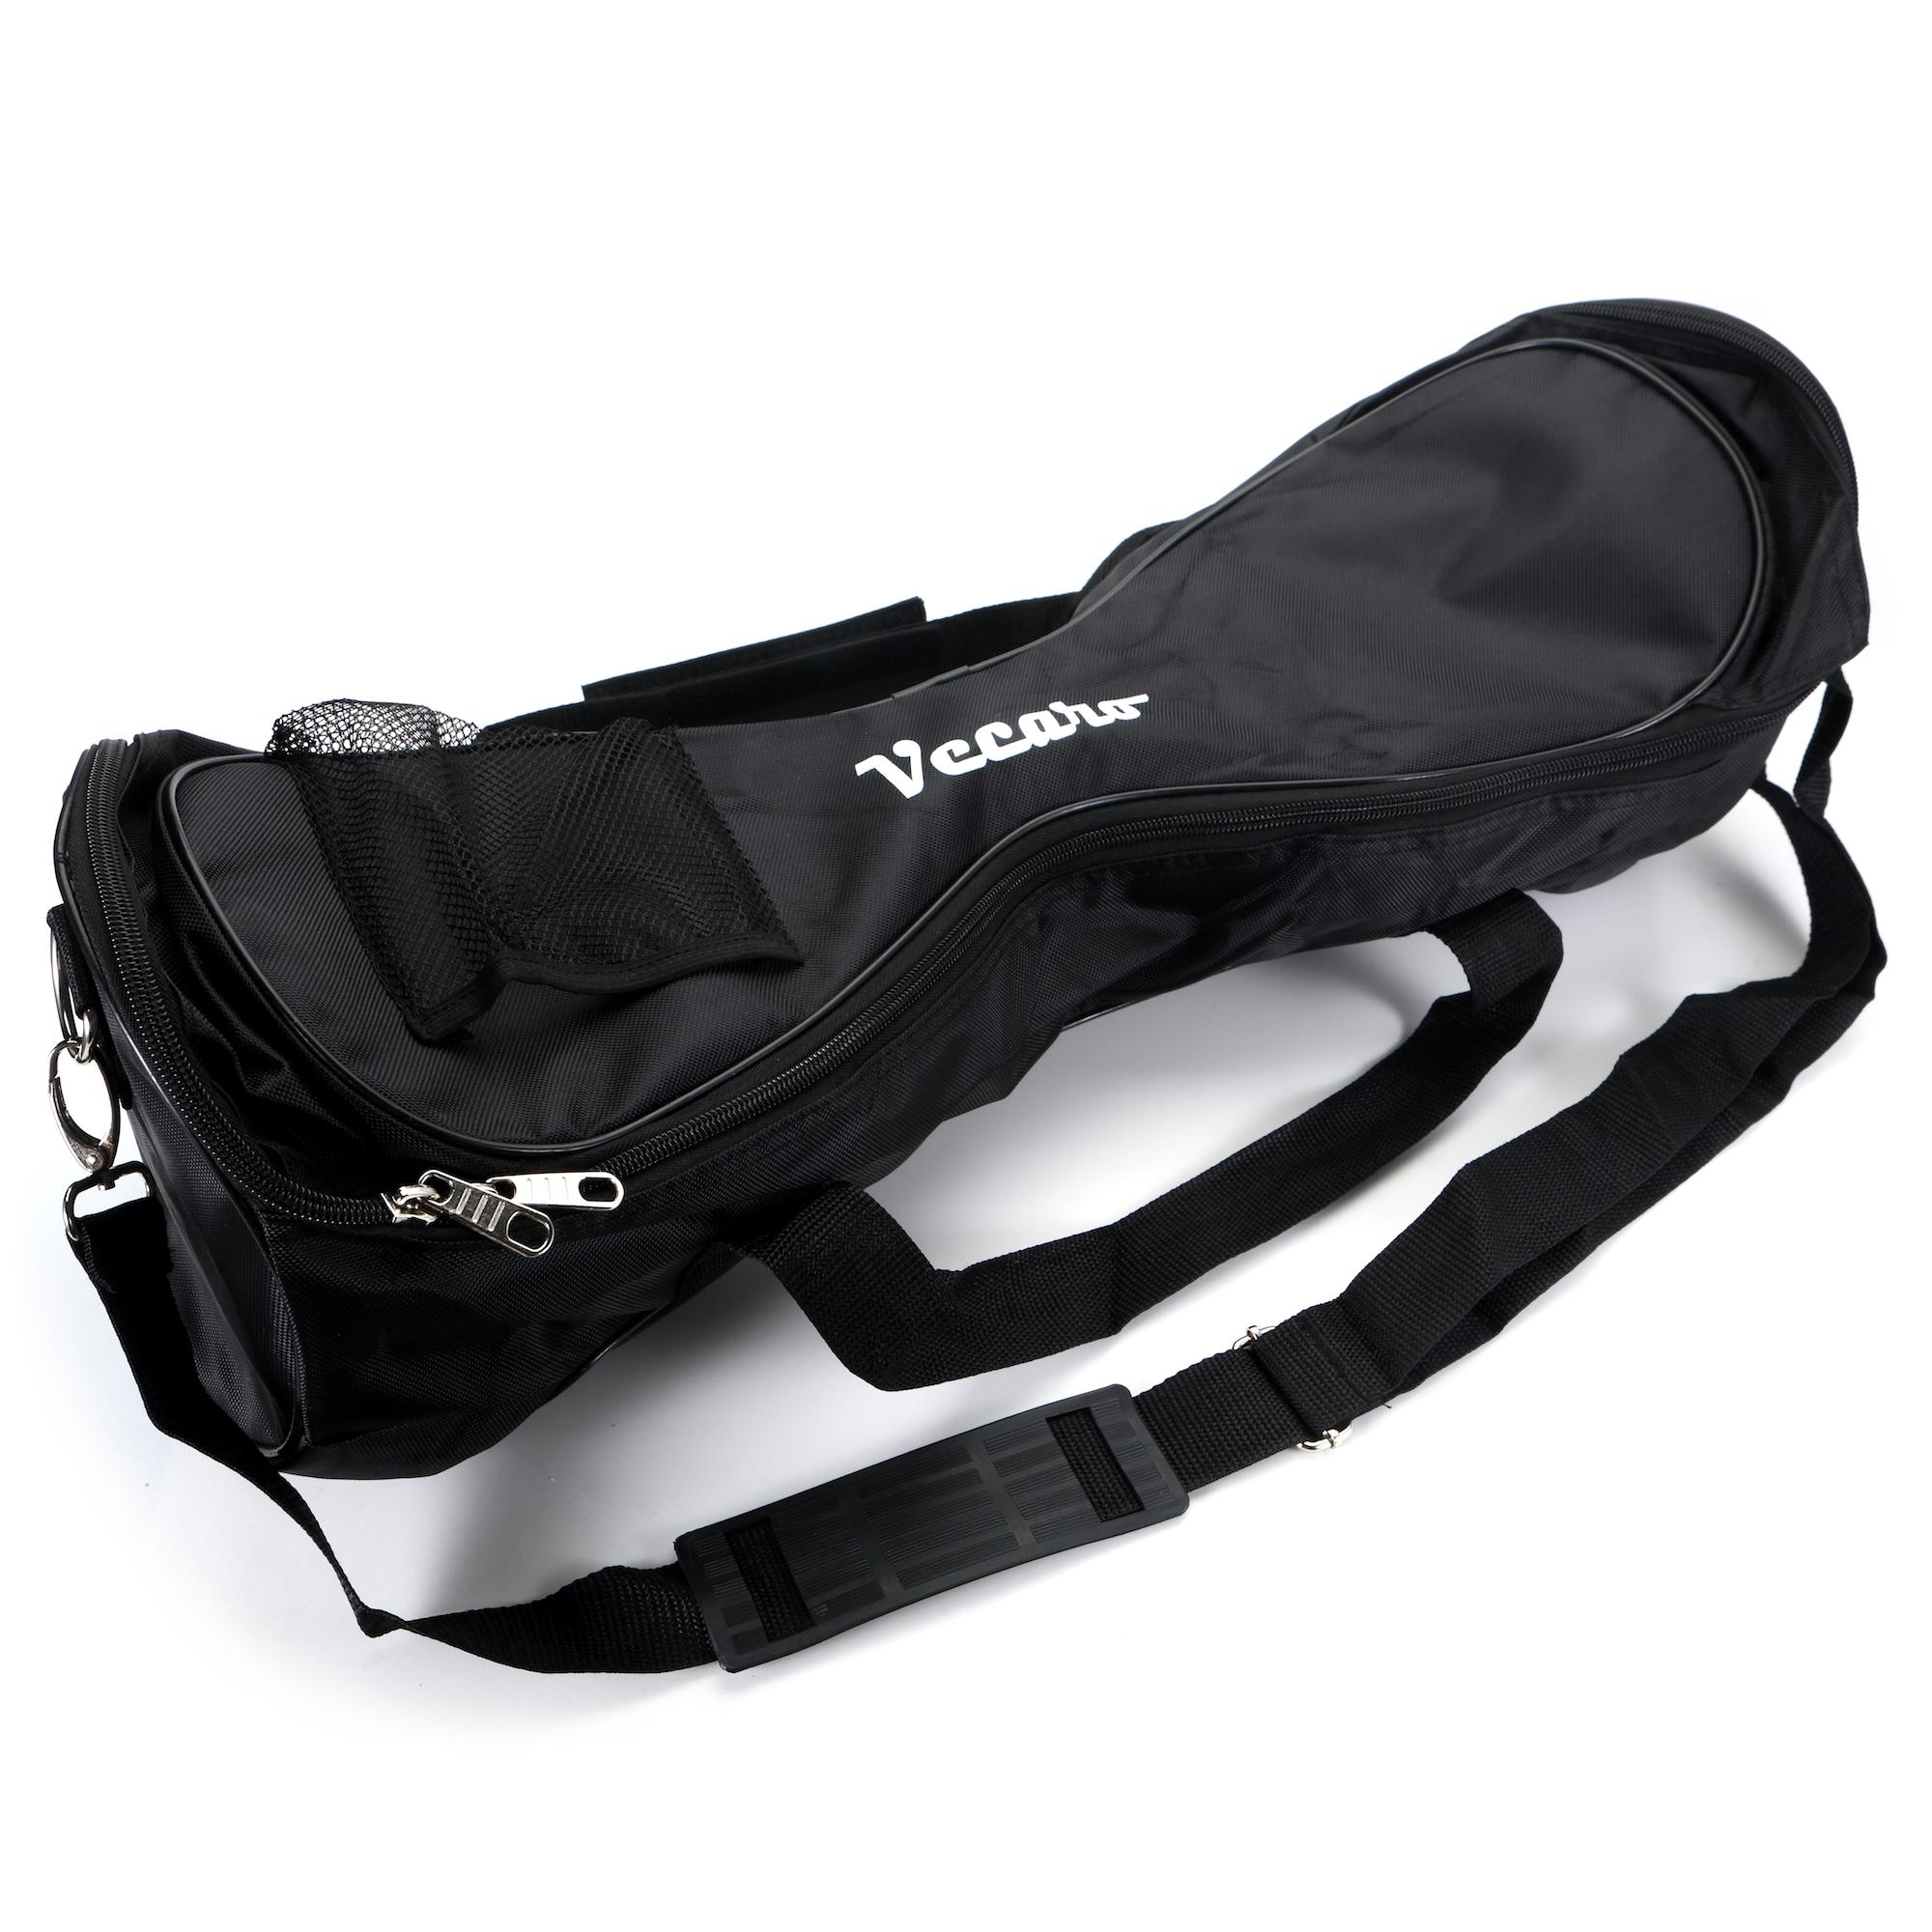 Vecaro carrying bag